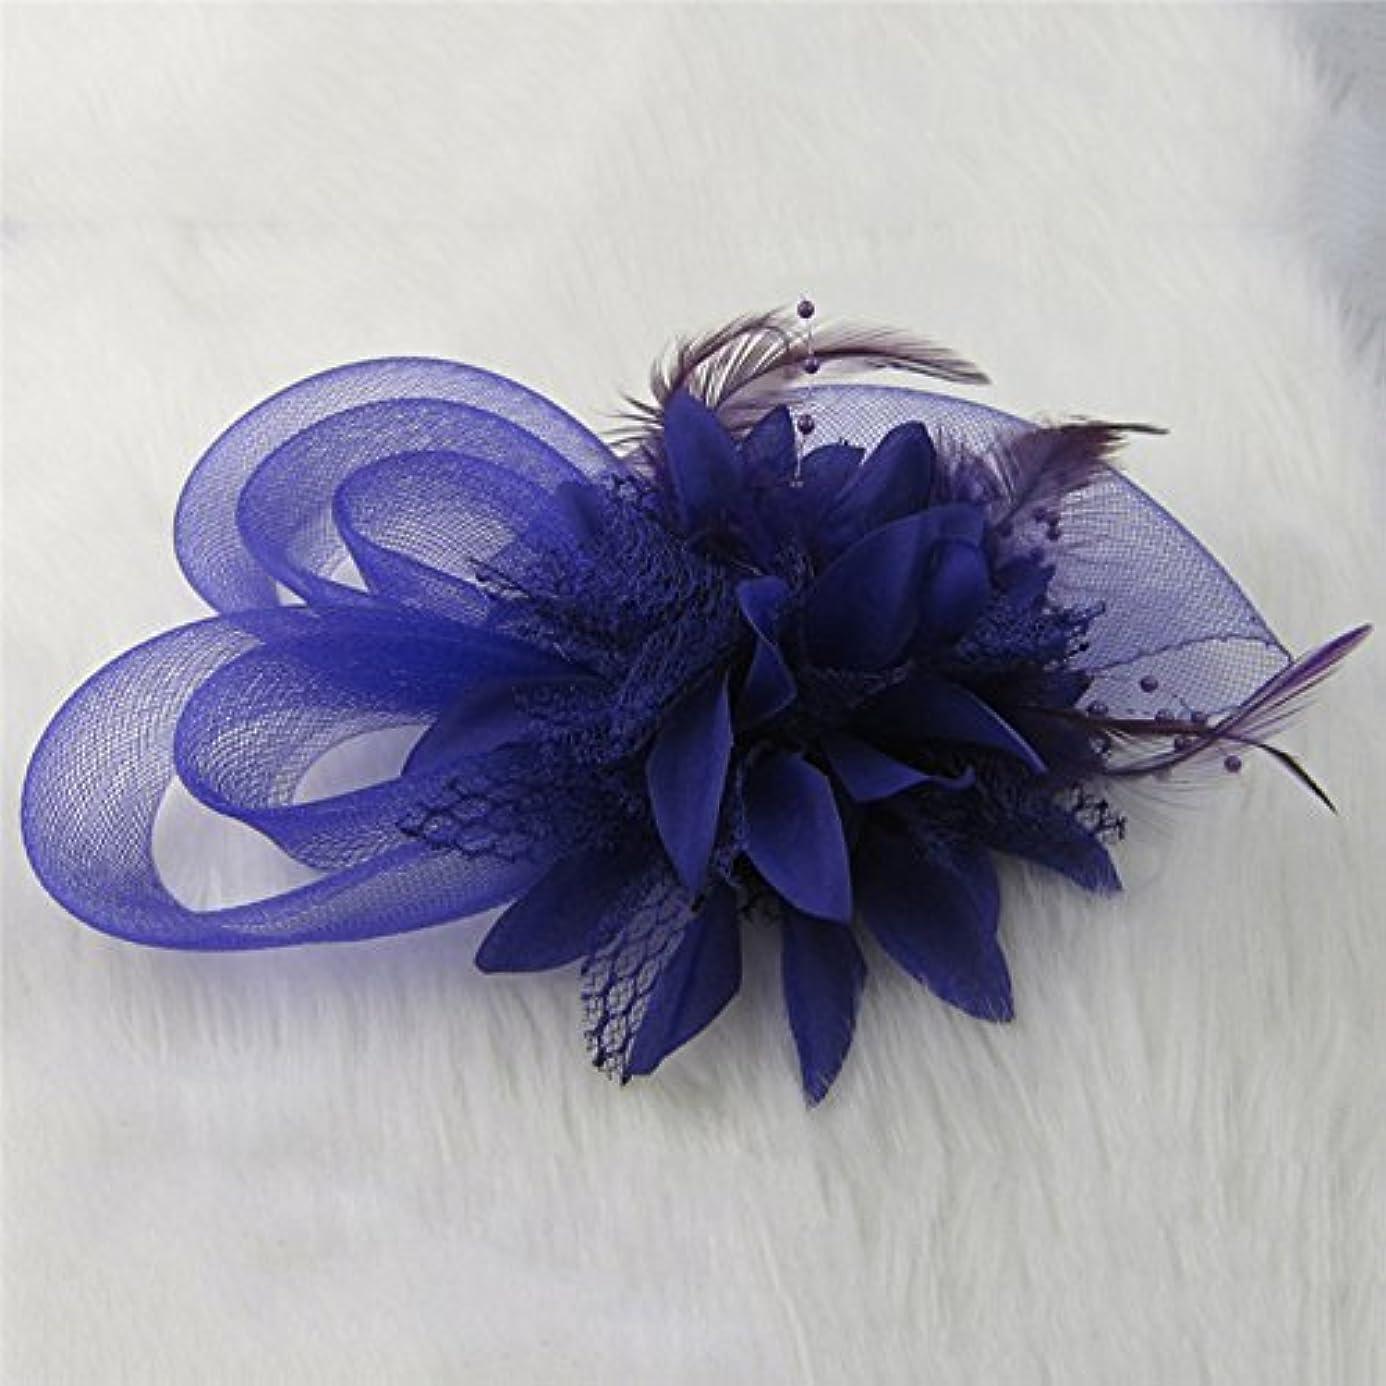 変化する加速する連結するBocoss - 女性シックな魅惑的な帽子カクテルウェディングパーティー教会ヘッドピースファッション帽子ファンシーフェザーヘアアクセサリー[パープル]